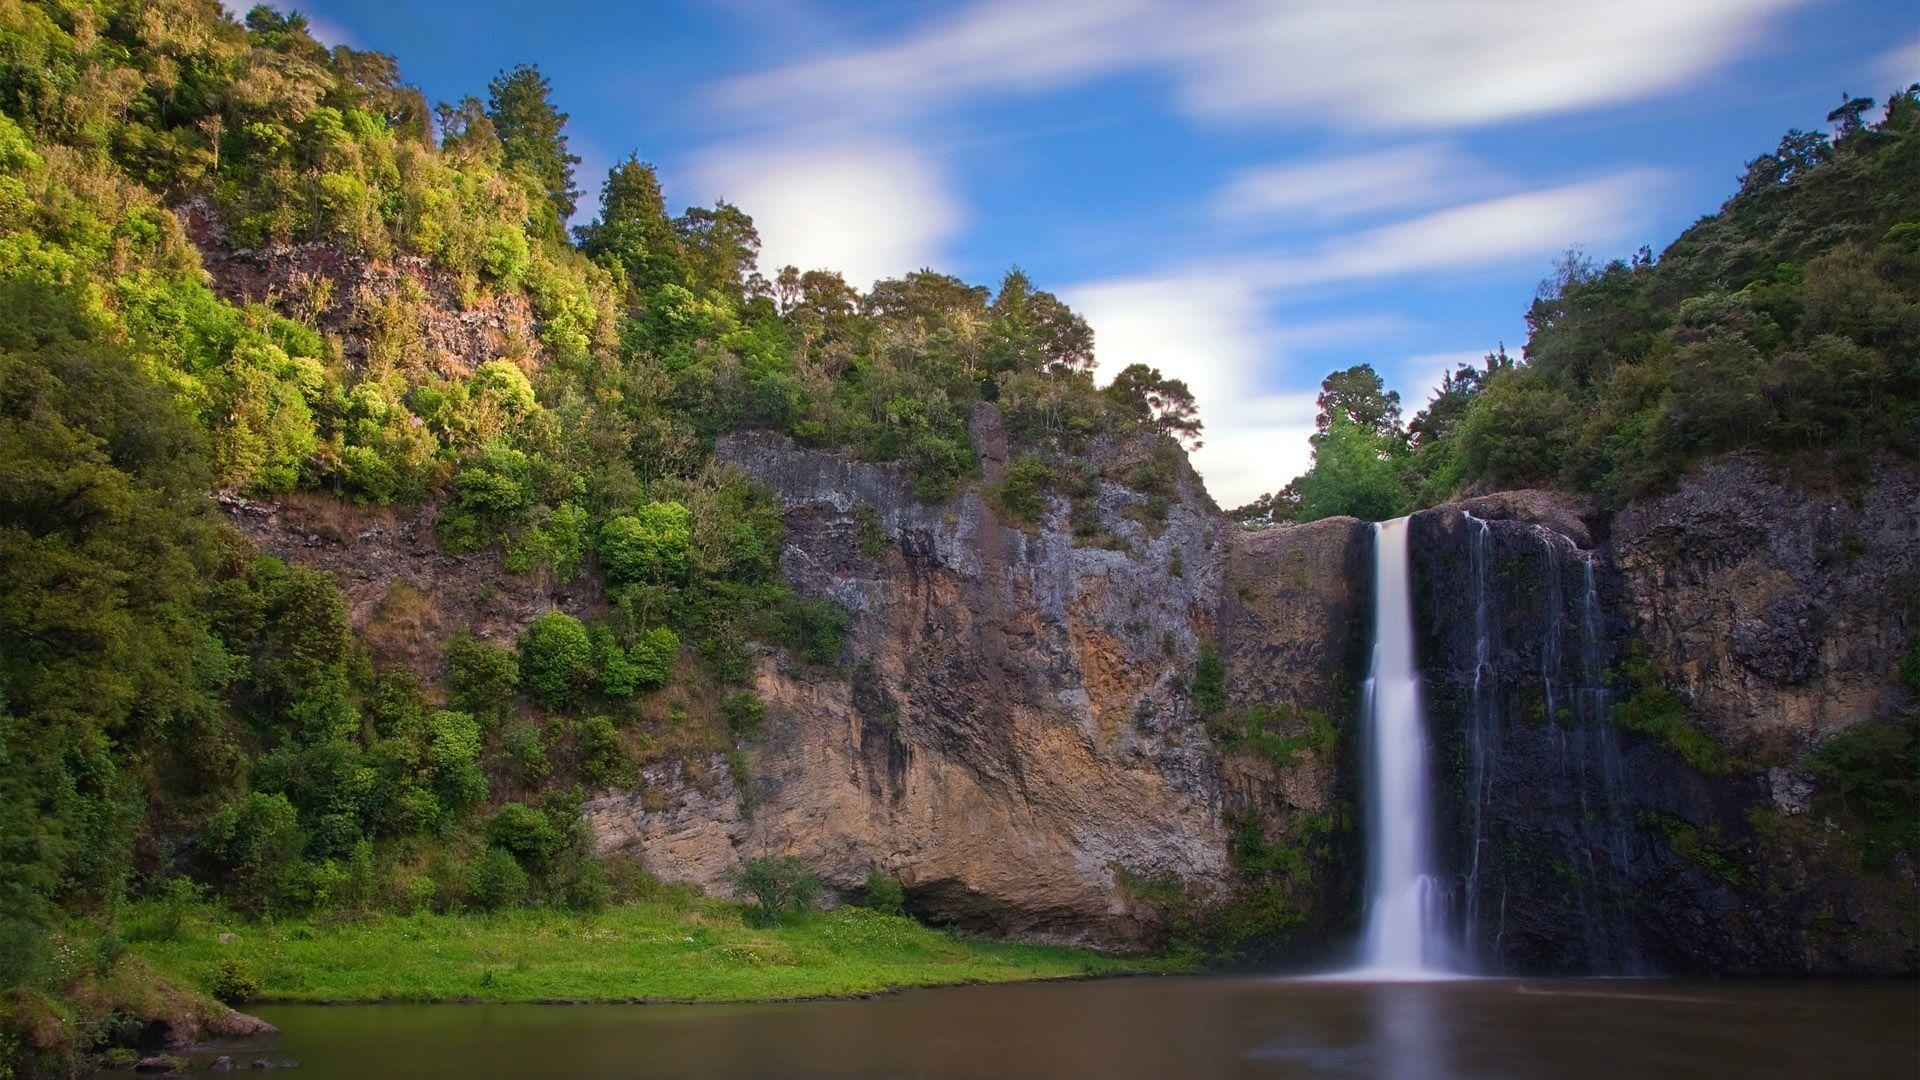 Fondo Escritorio Paisaje Bonita Nevada: Corrientes Hermosa Cascada Fondos De Pantalla